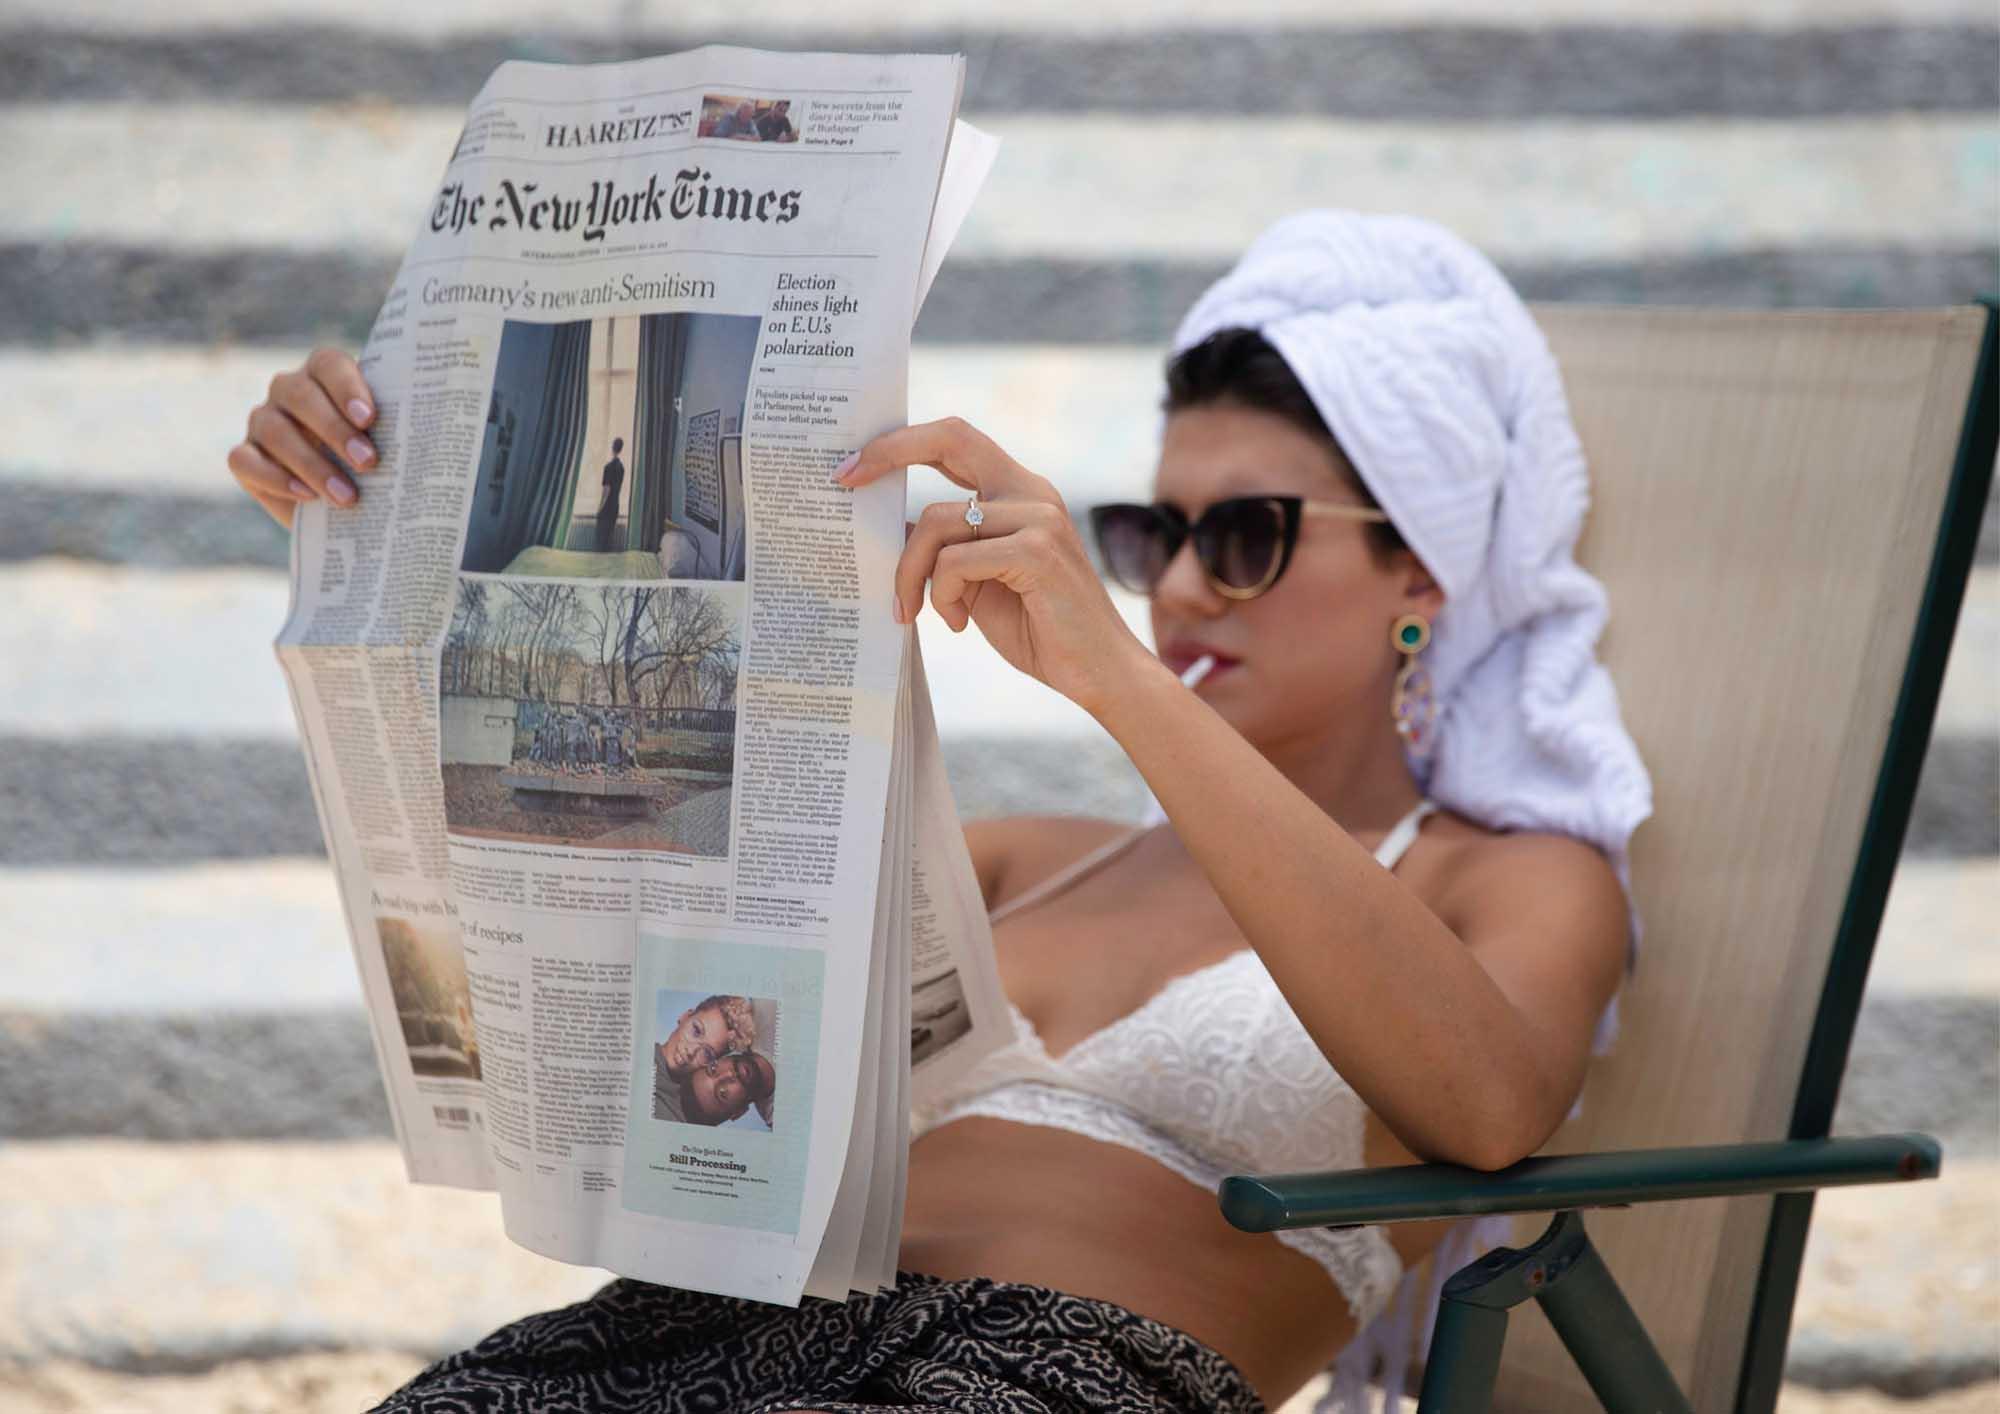 אופנה, Fashion Academy: צילום: היבה מחאמיד, סטייליסטית ודוגמנית: הדס טייכטל, איפור: דיאנה סלימאן, אסיסטנט: פאיז מחאמיד -3